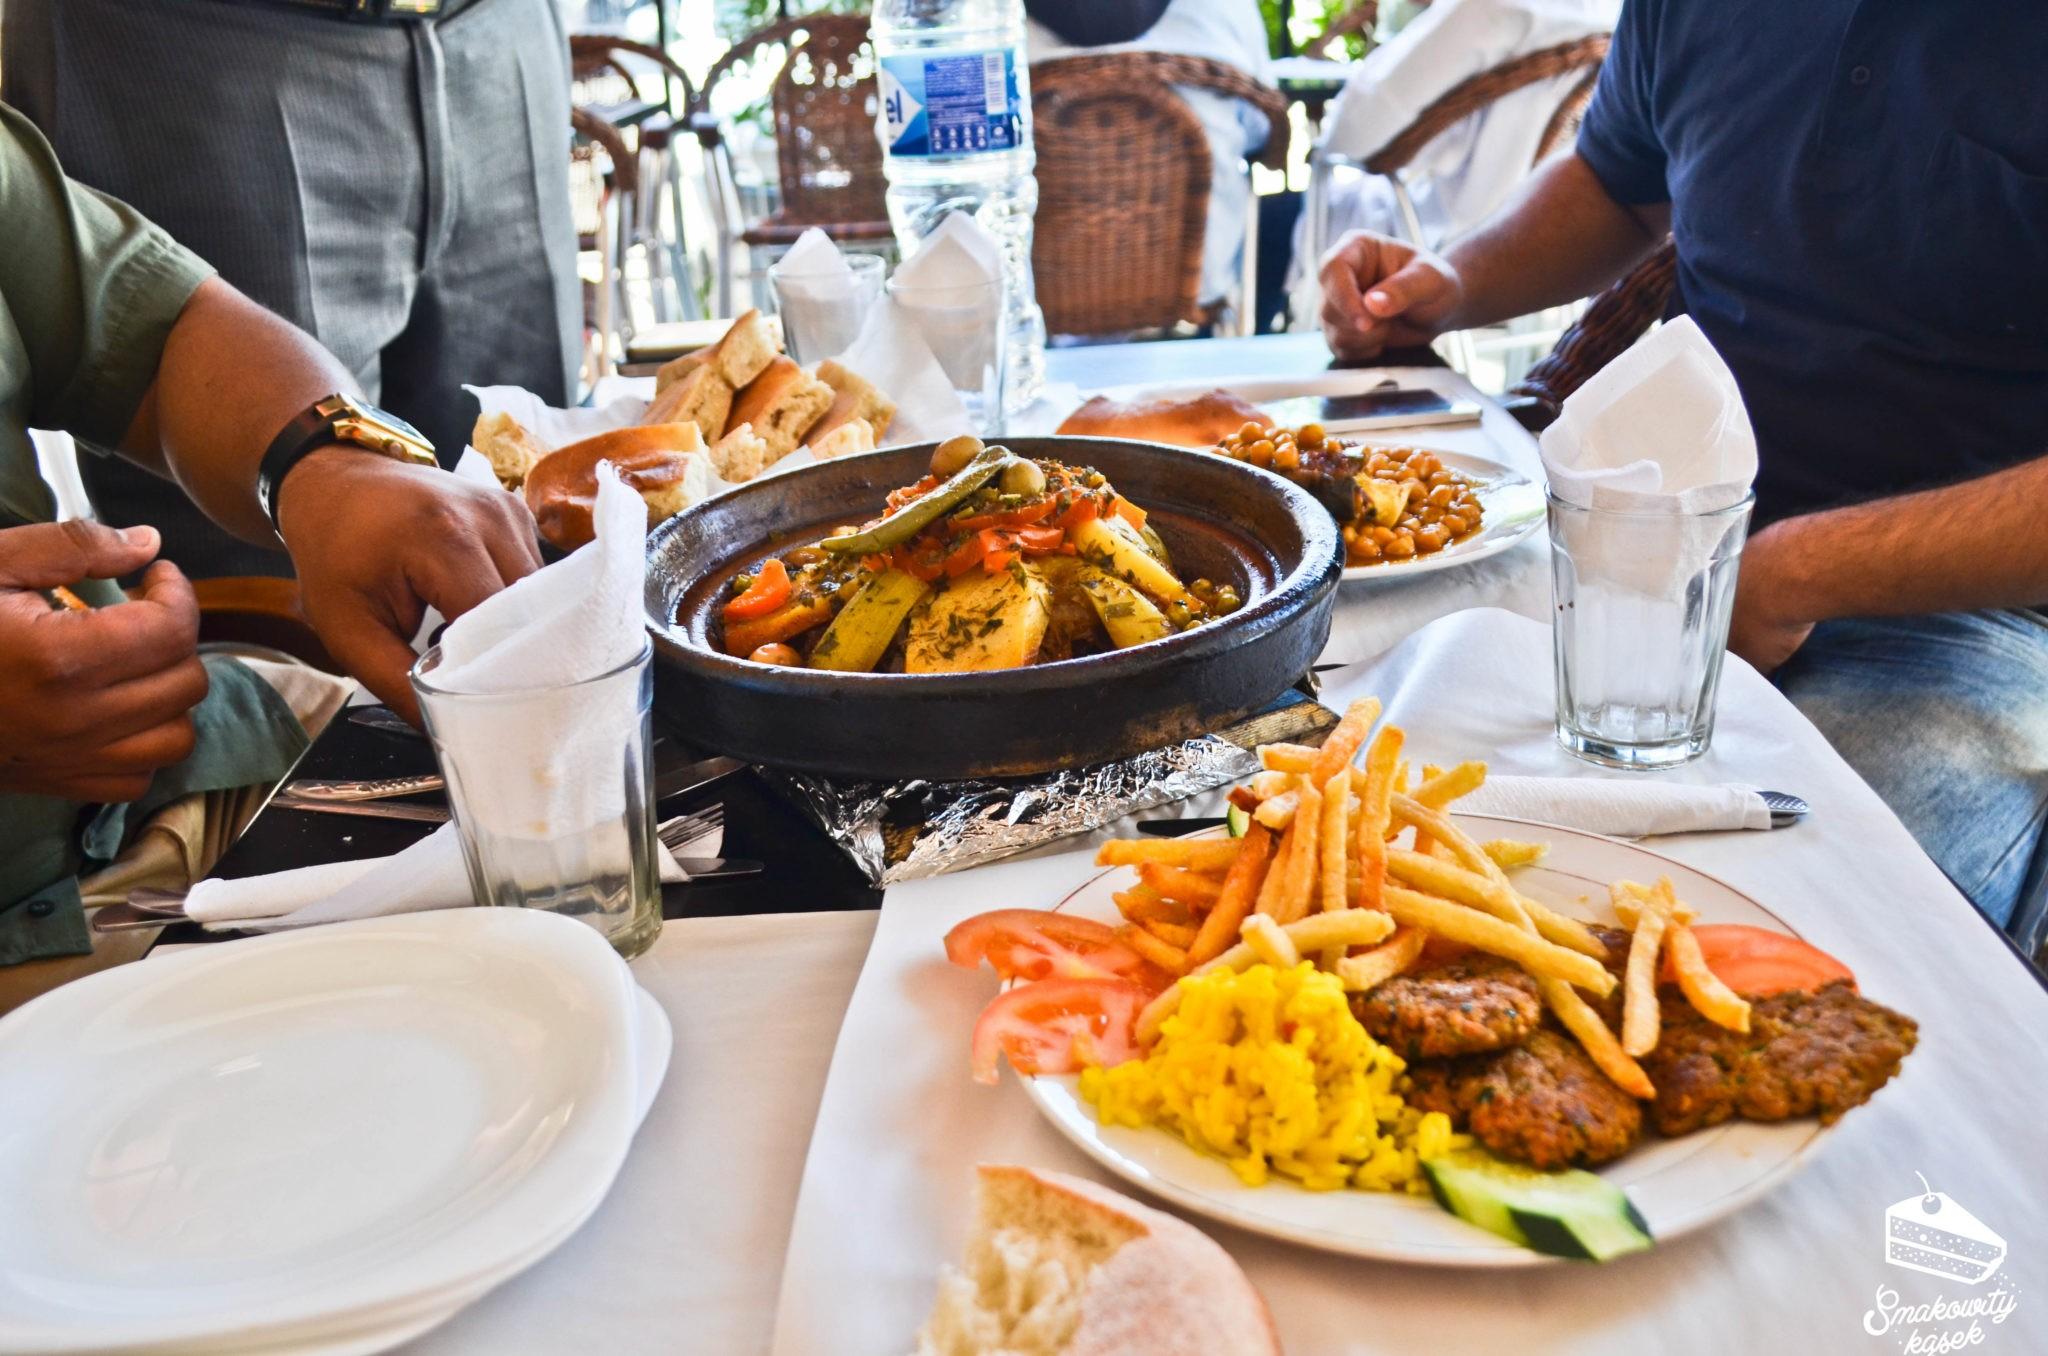 marokanskie jedzenie (1 of 1)-9